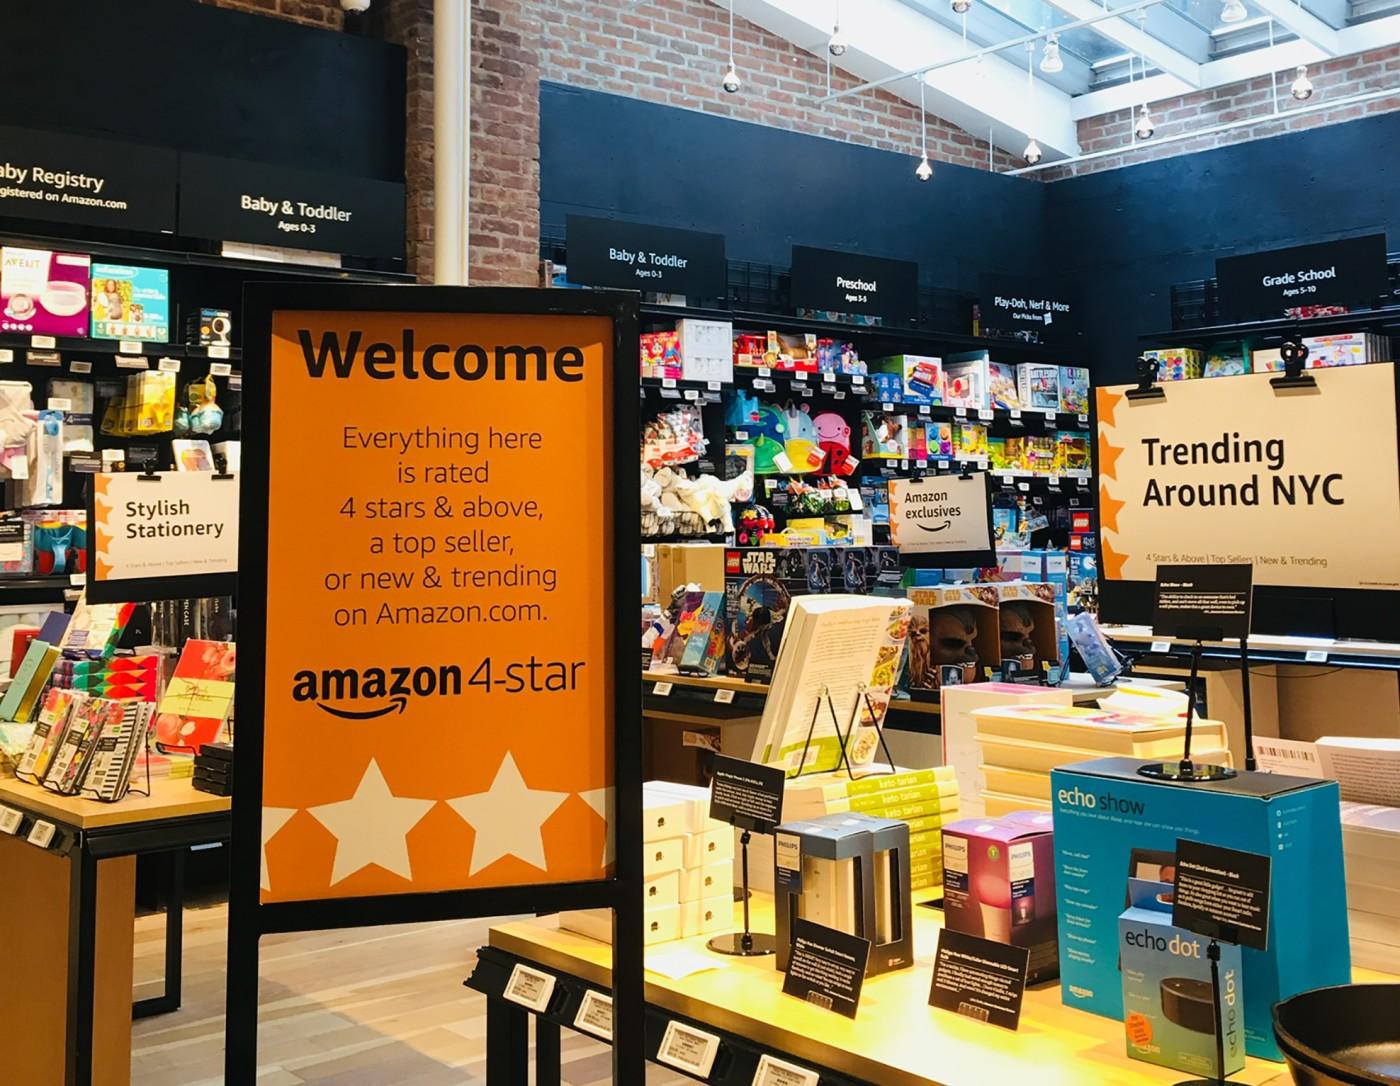 아마존 오프라인 매장, Amazon 4 Star, Welcome Section